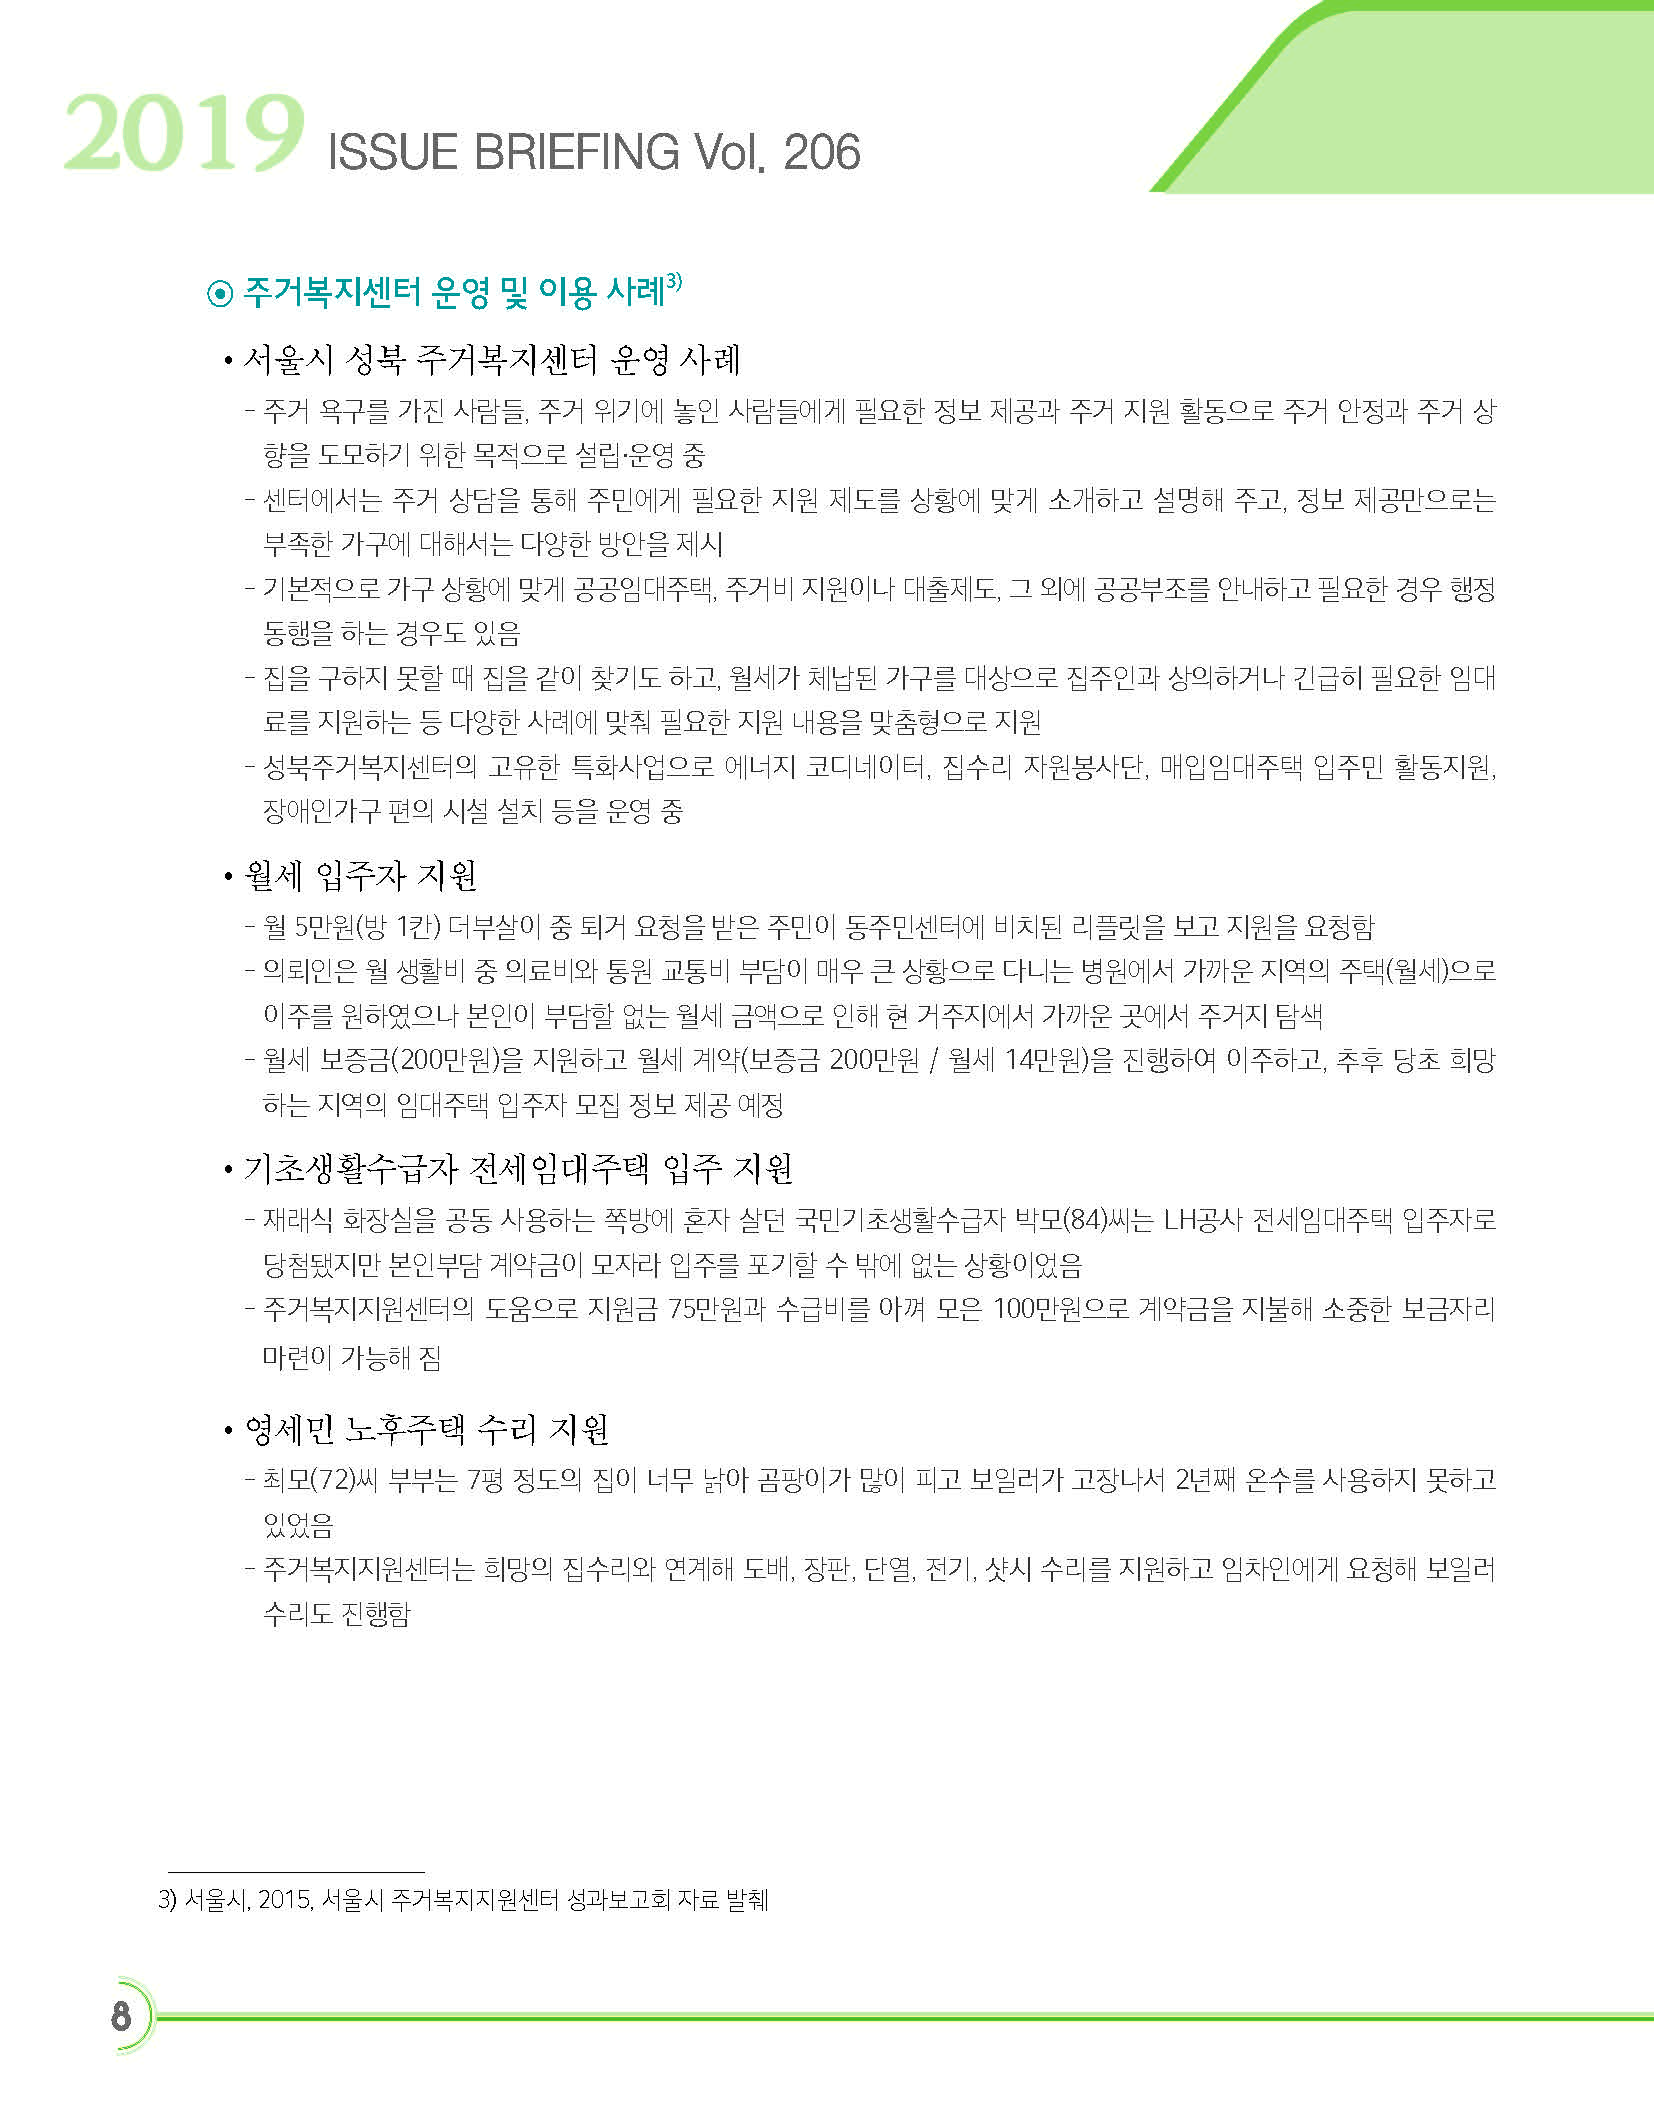 [이슈브리핑 206호]_전라북도 주거복지센터 설립이 필요하다_페이지_08.jpg